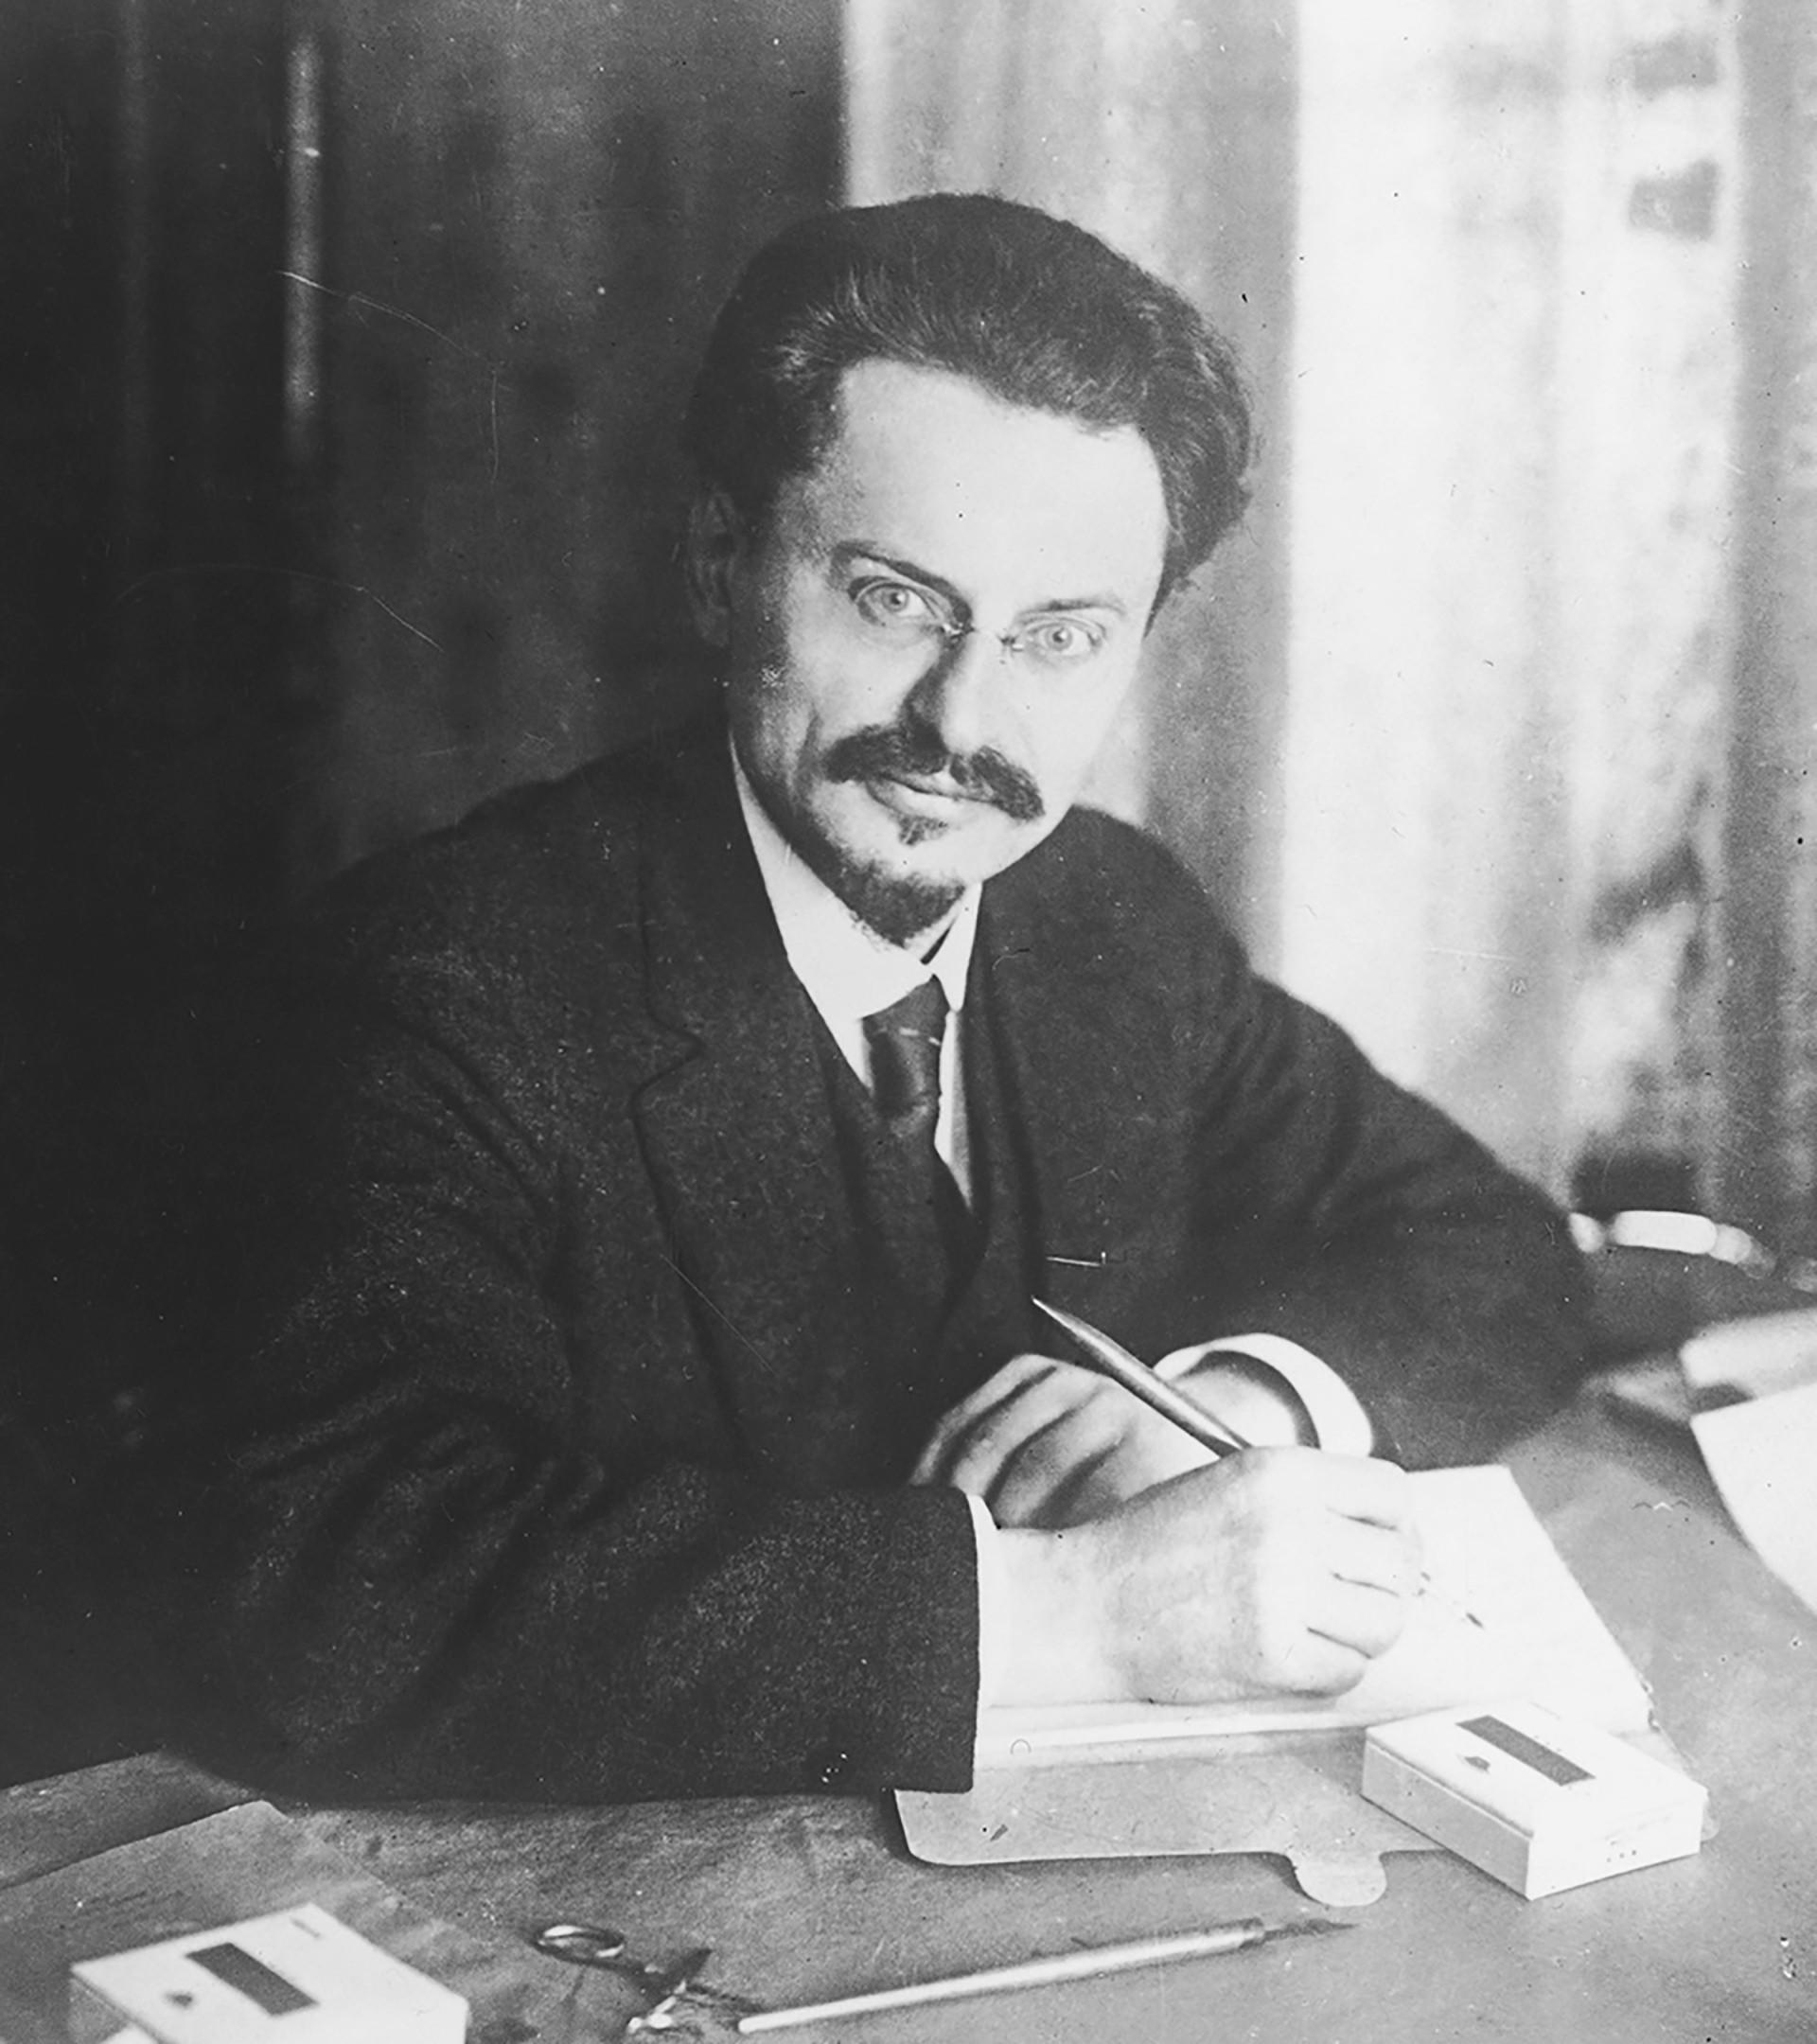 Leo Trozki